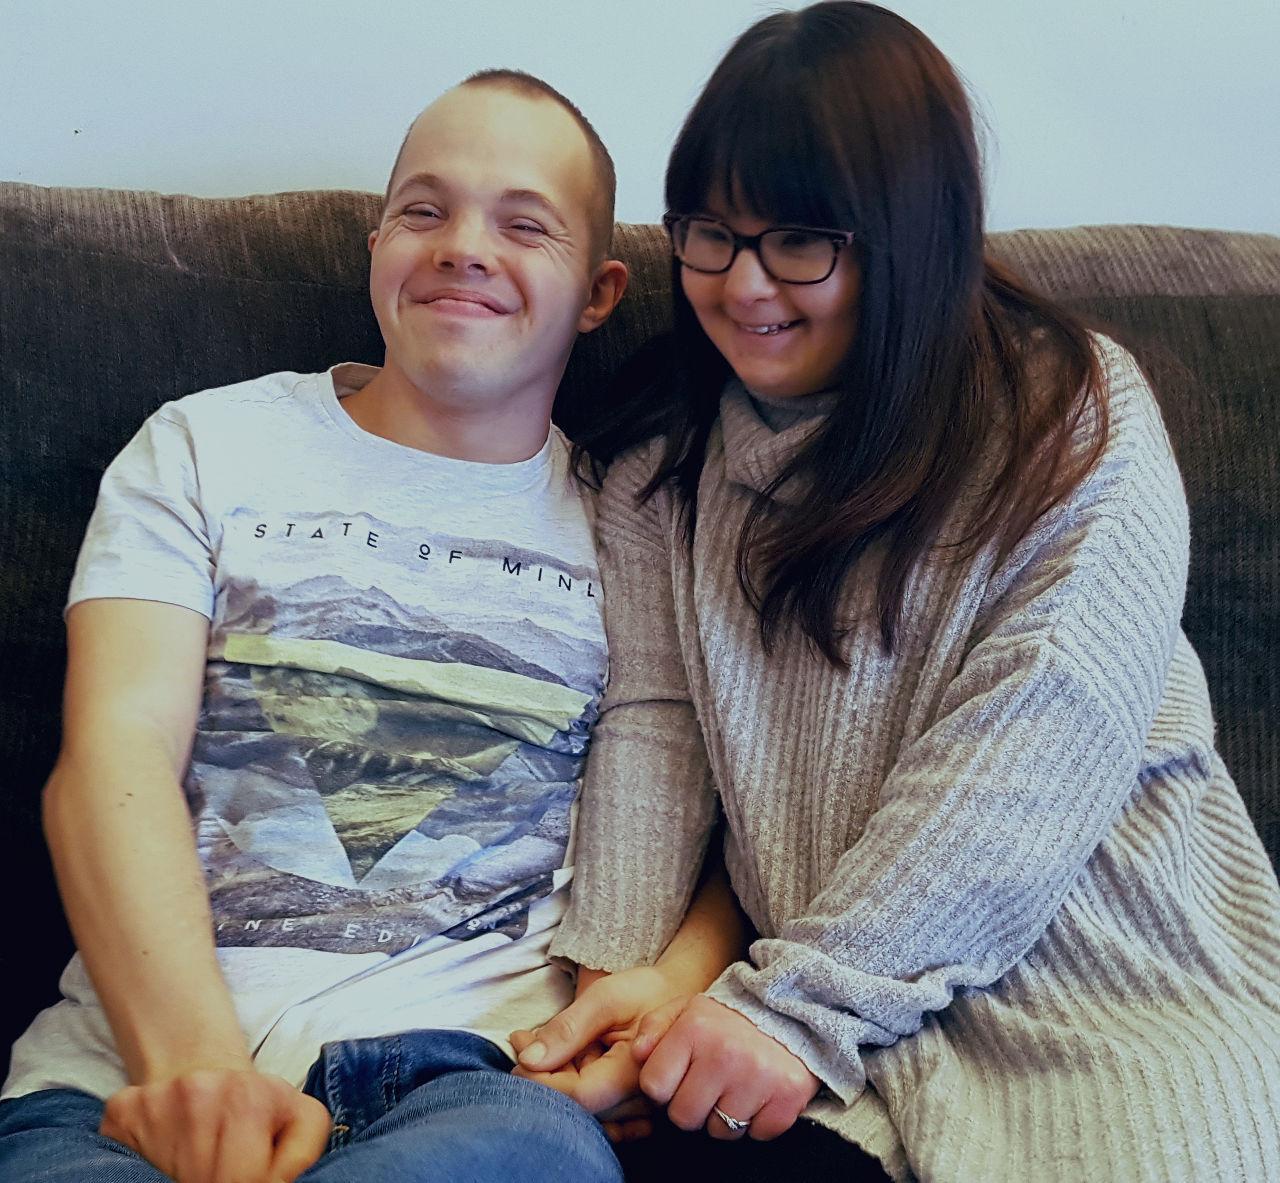 Sam and Megan smile.